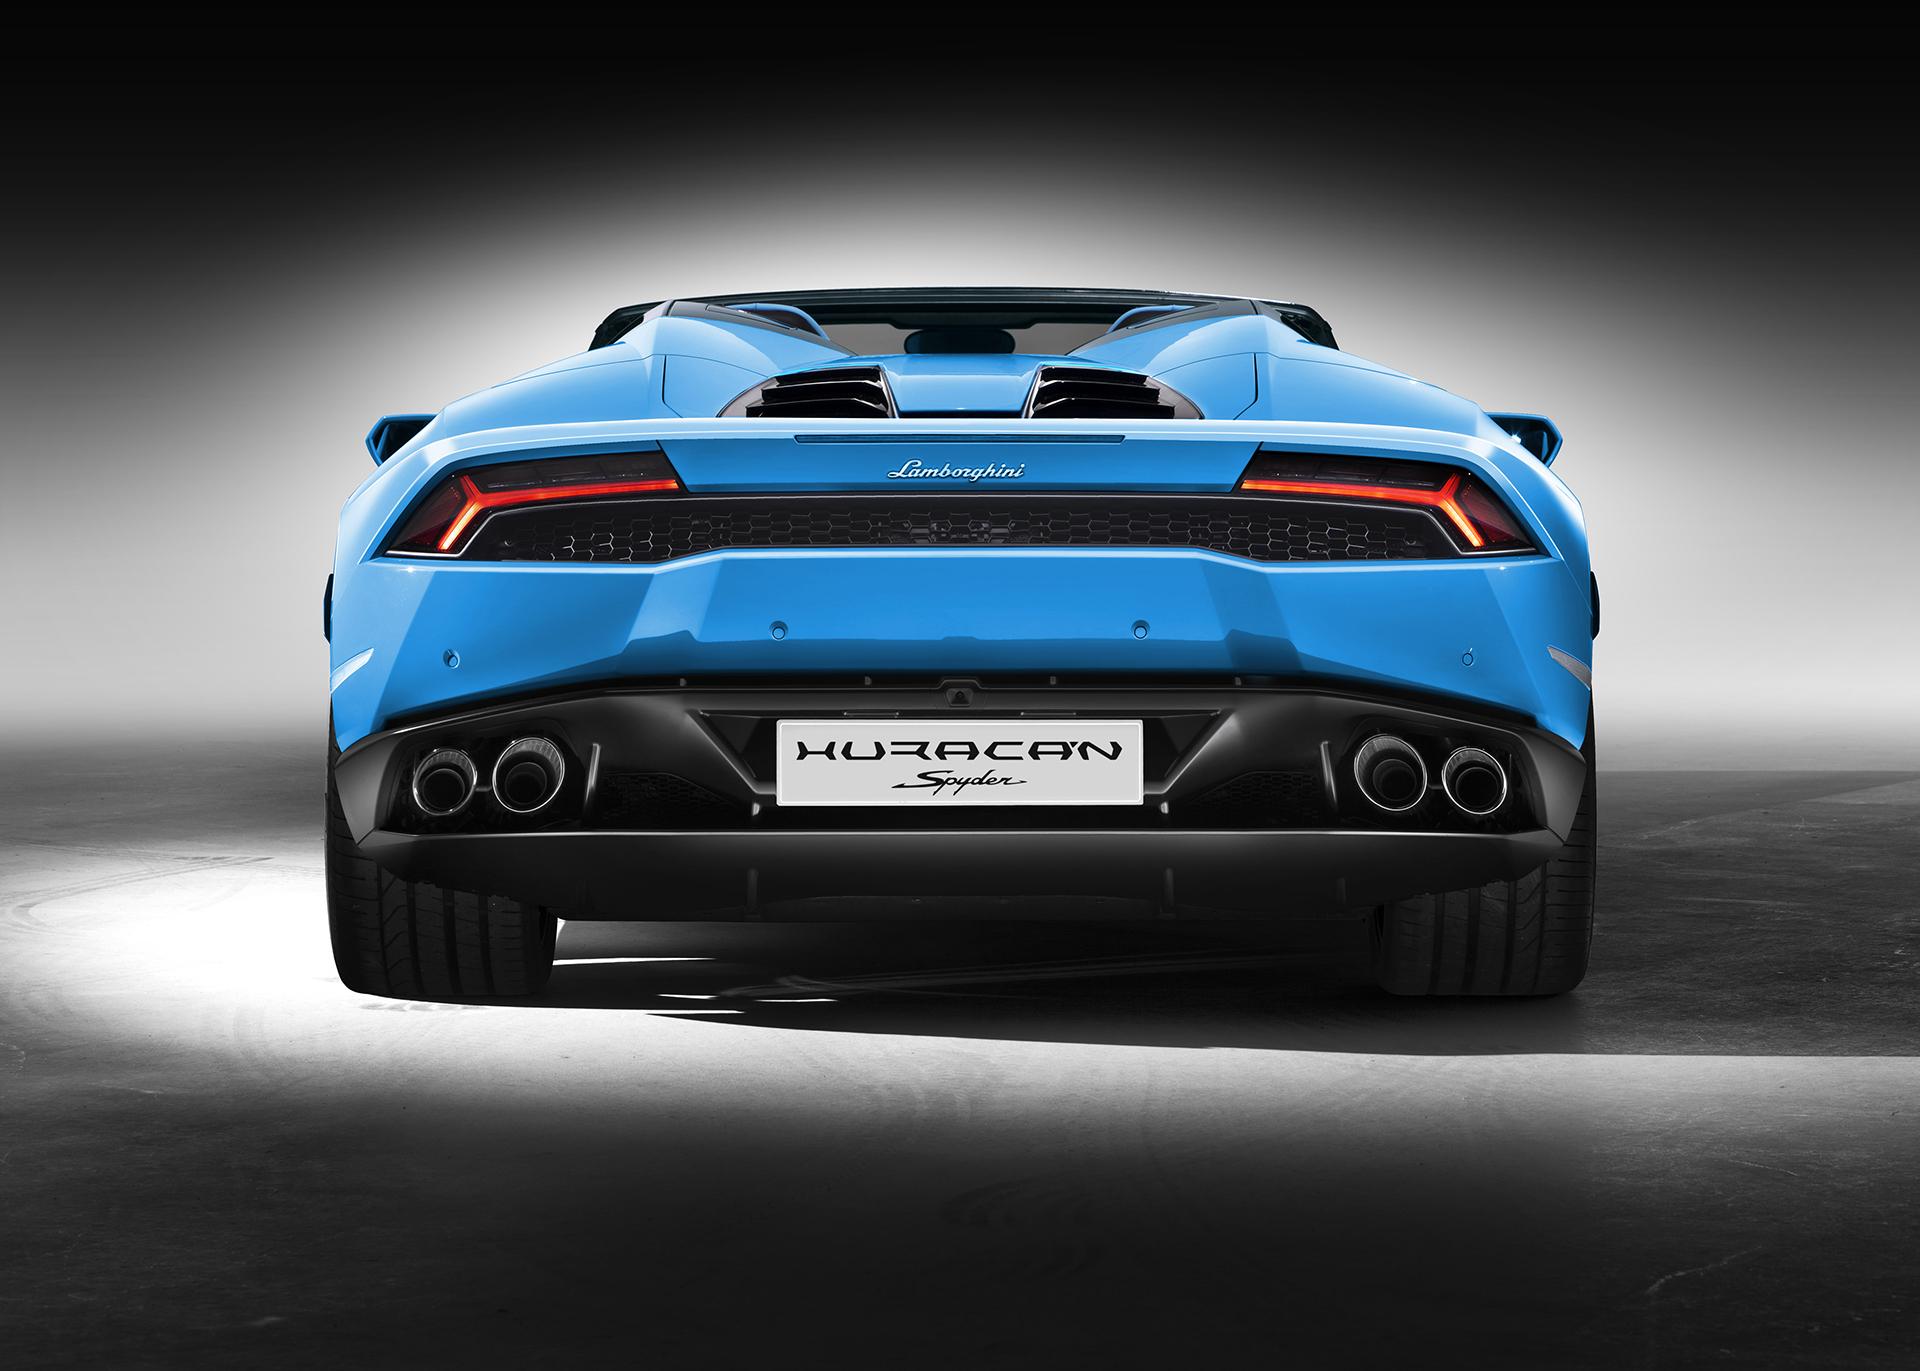 Lamborghini Huracán LP 610-4 Spyder - arrière / rear